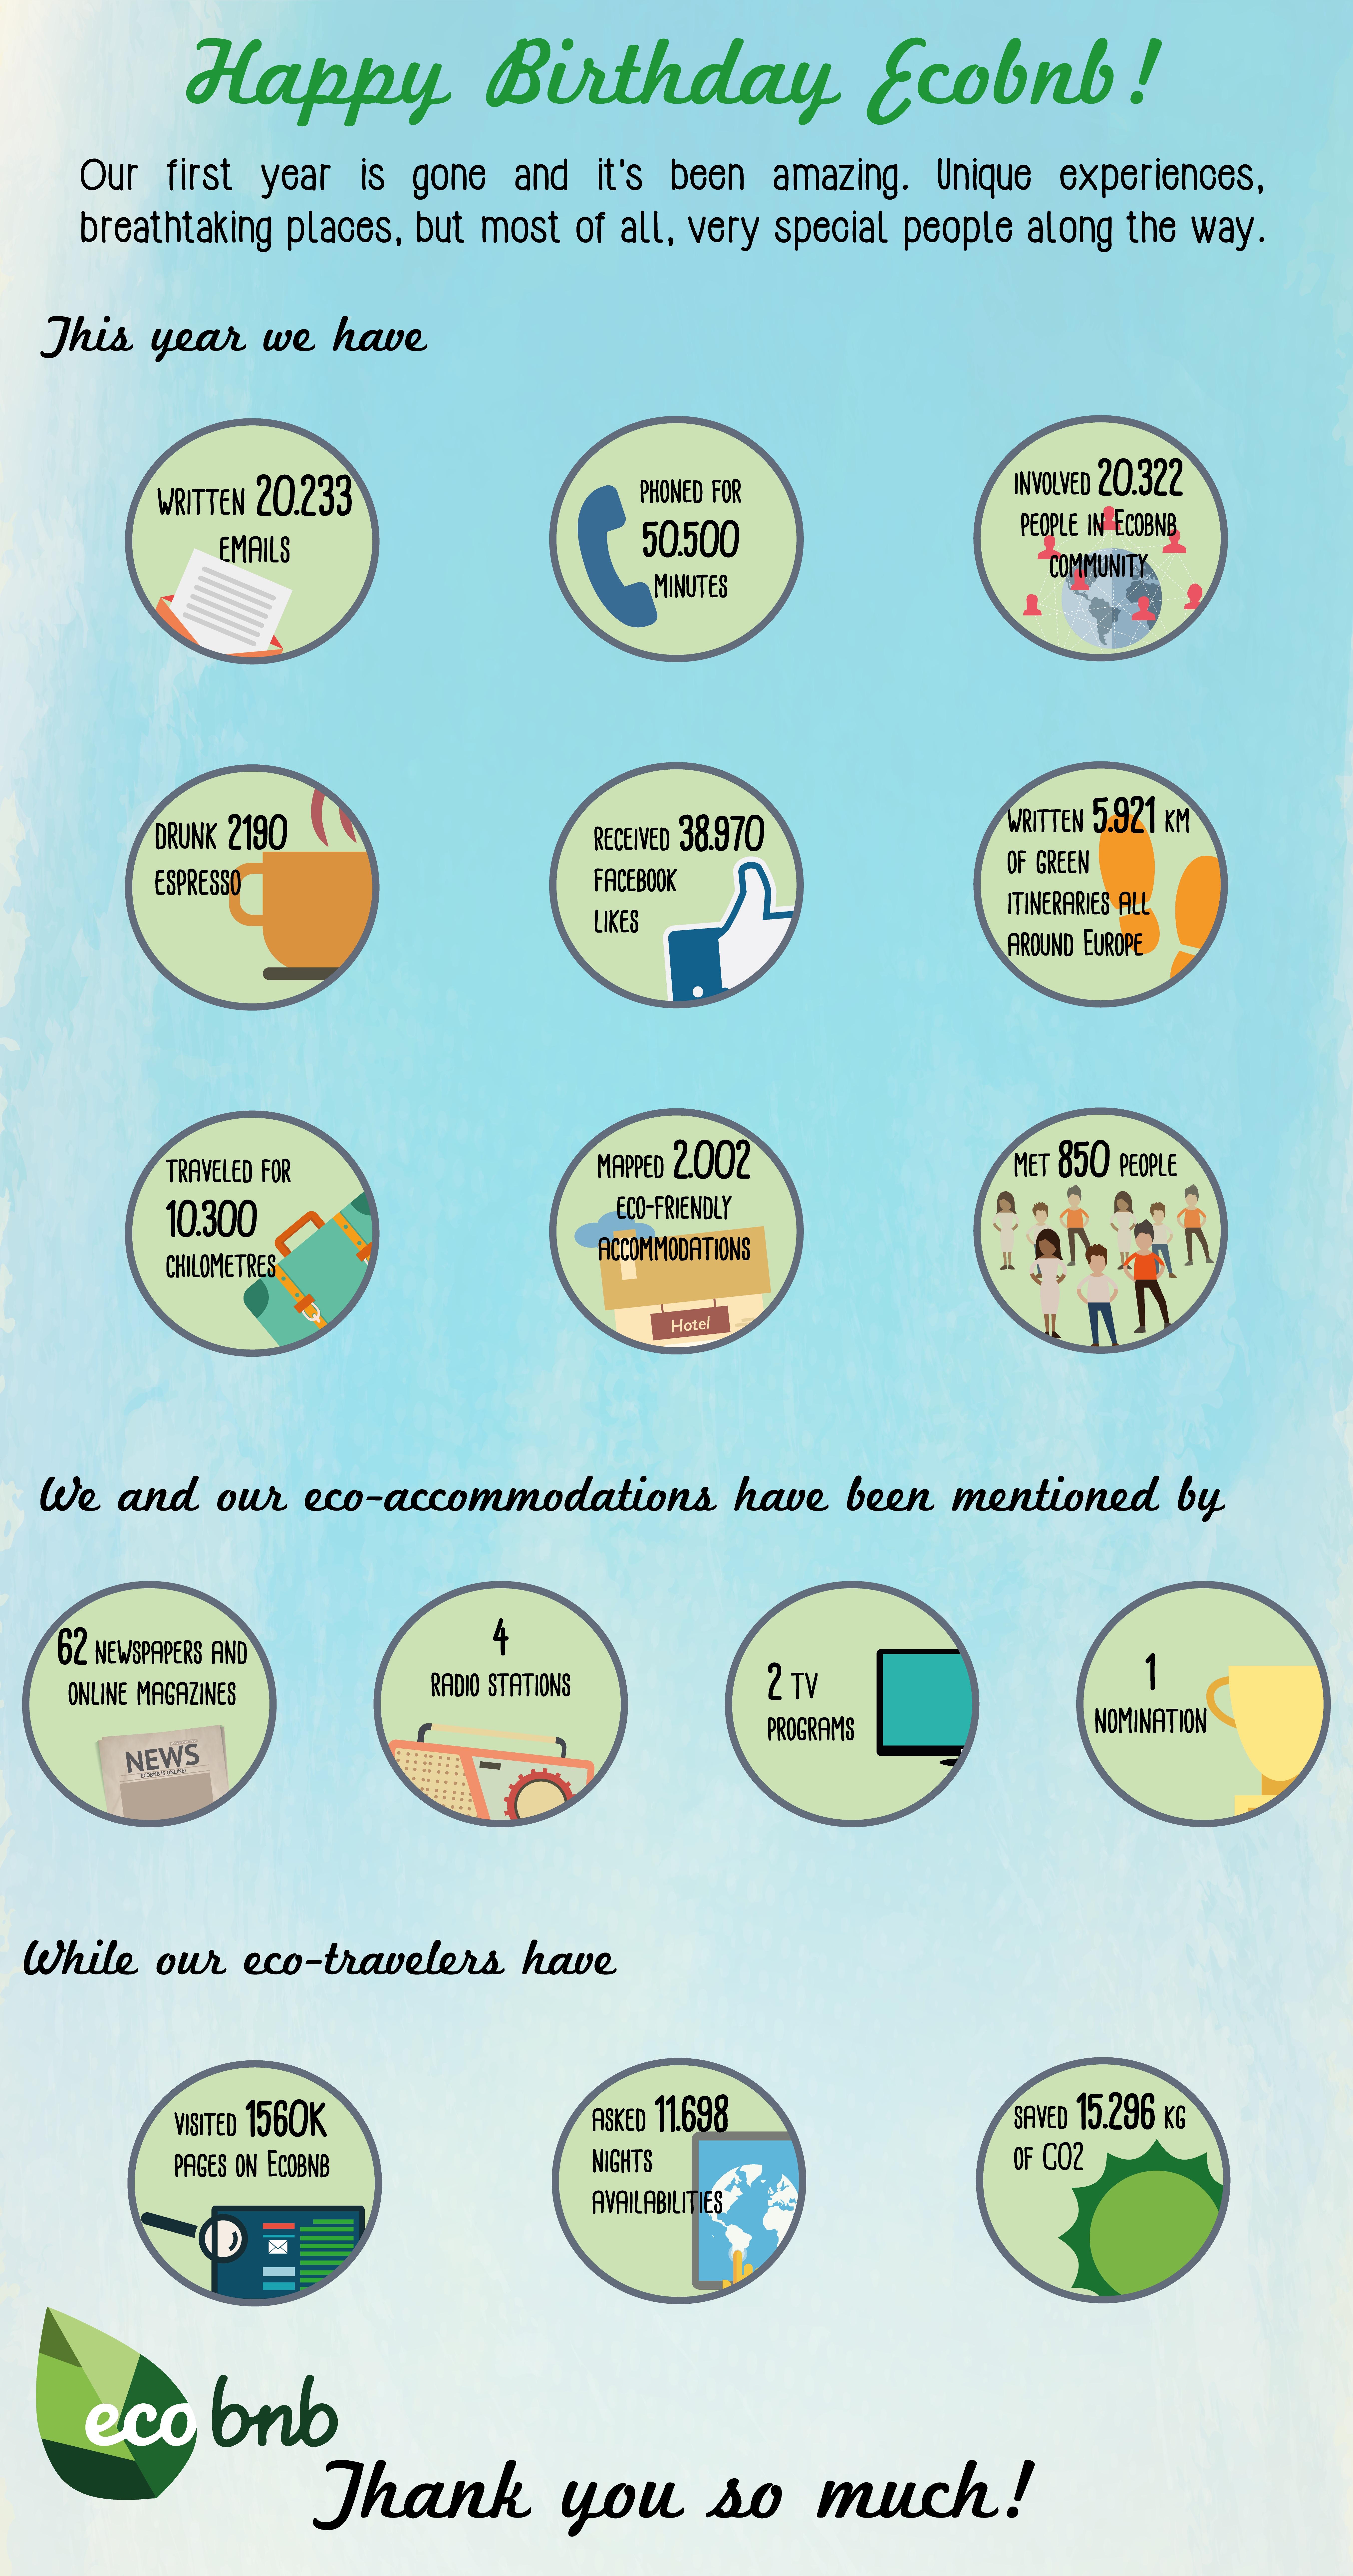 Happy Birthday Ecobnb Infographic